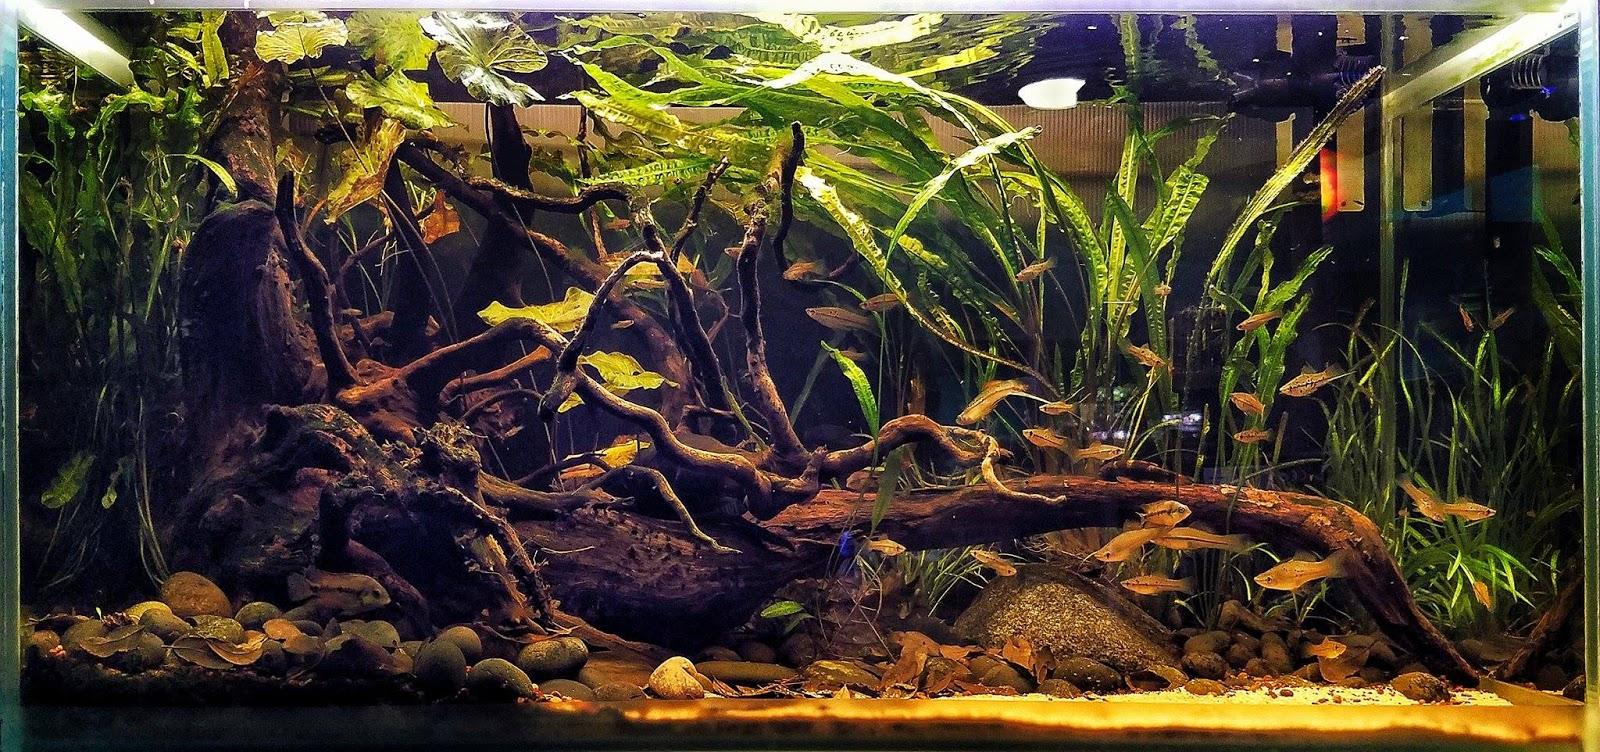 Aquascape Ideas Biotope Style Aquascape